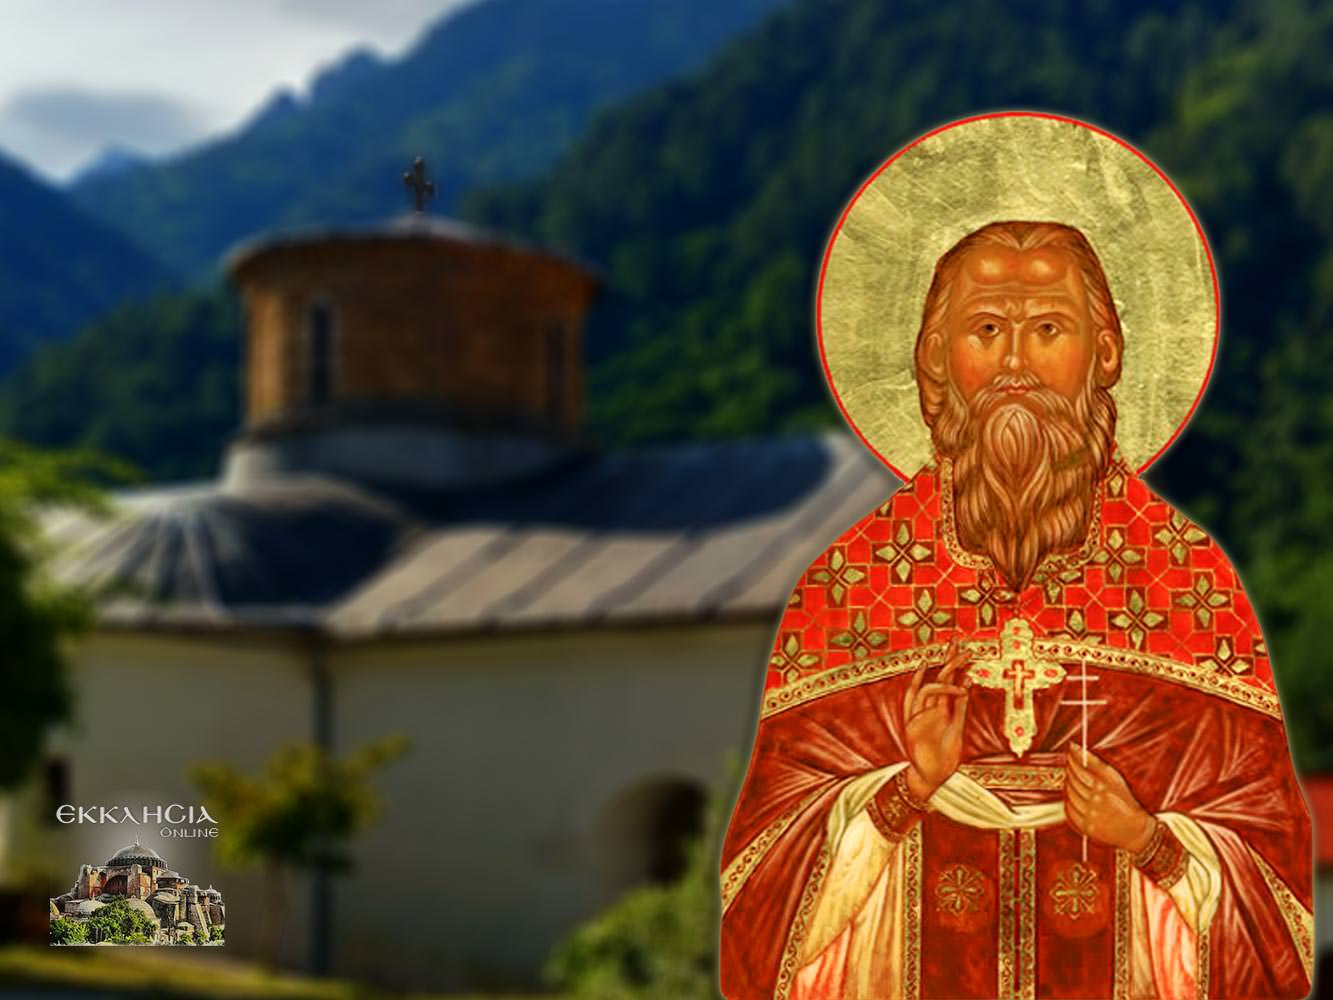 Άγιος Δημήτριος Πίνδου 17 Αυγούστου